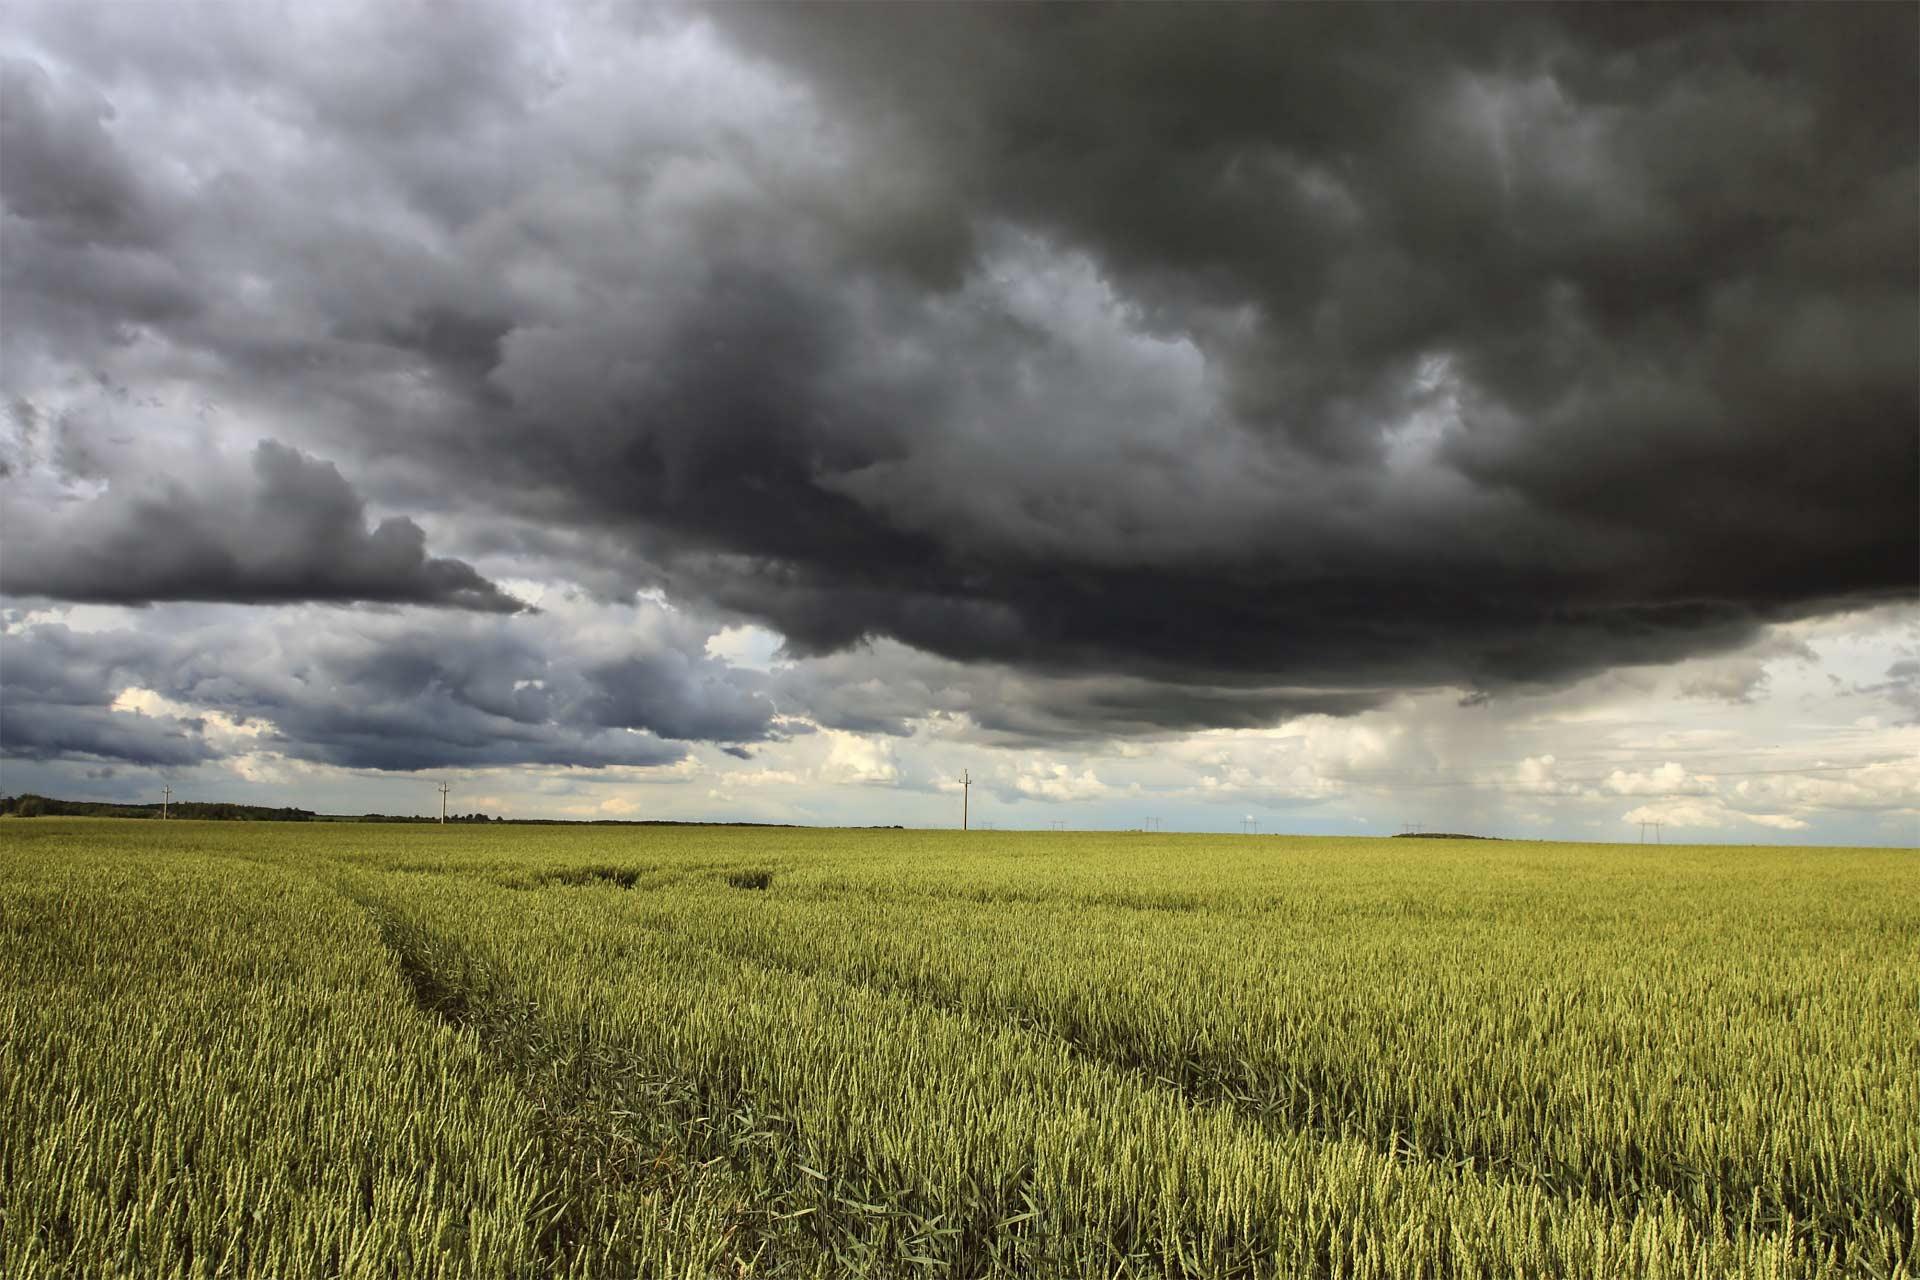 Las autoridades puertorriqueñas se unieron a expertos ambientales para provocar lluvias artificiales